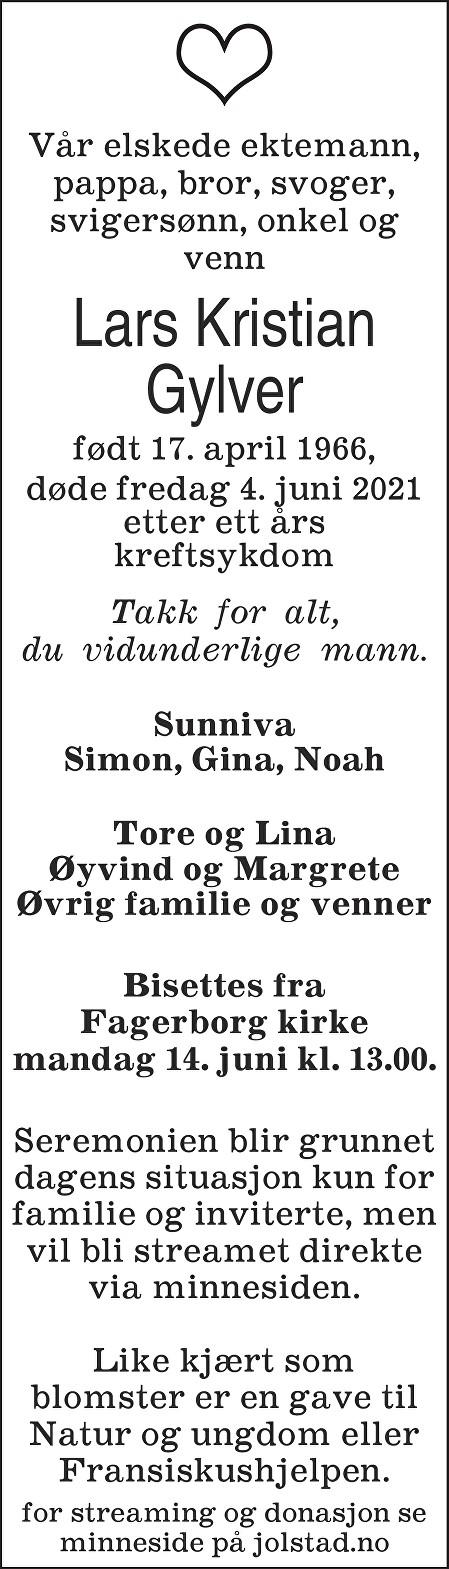 Lars Kristian Gylver Dødsannonse